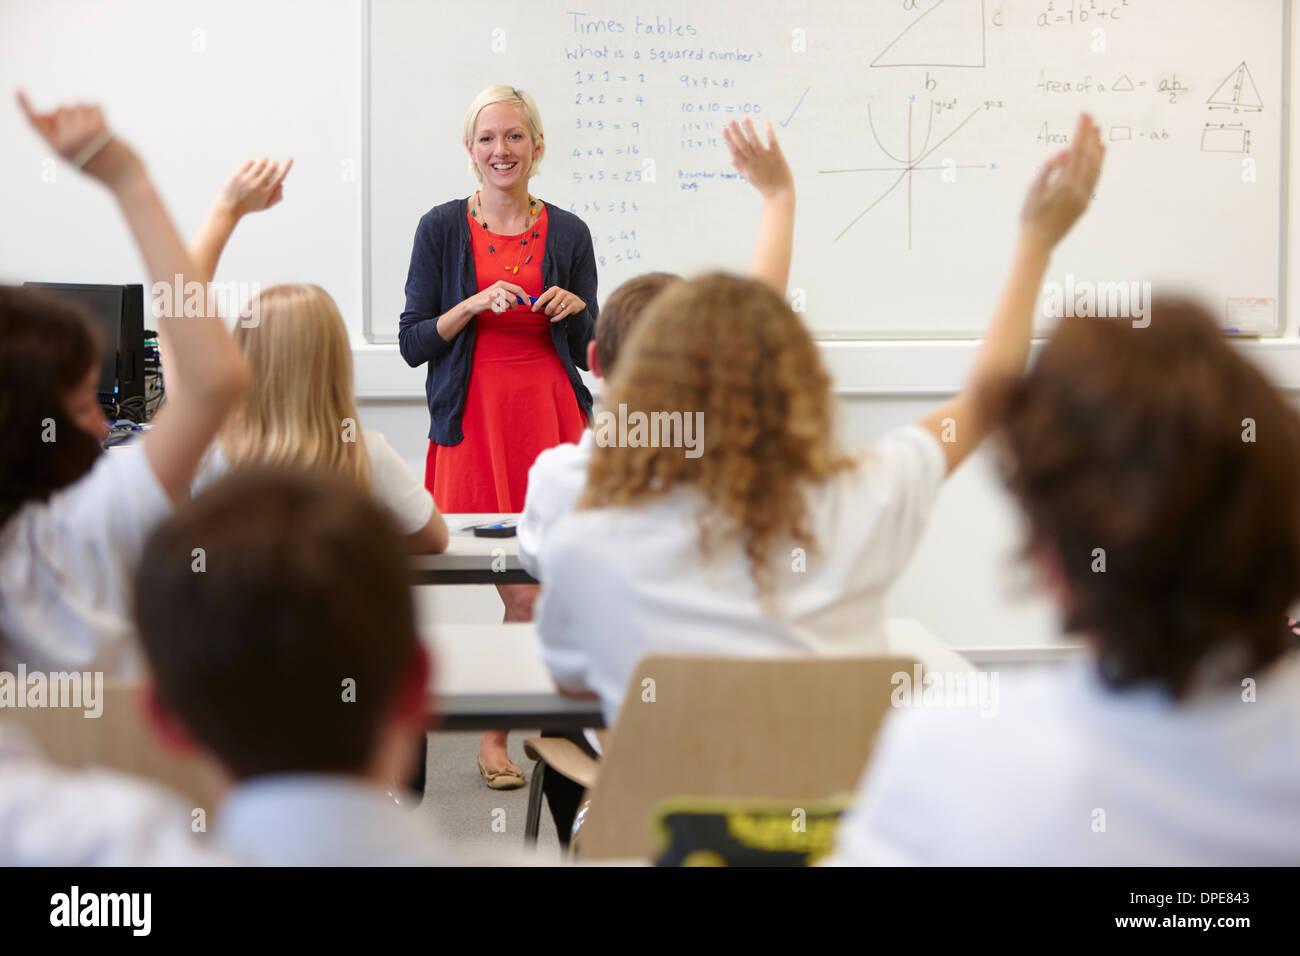 Enseignante et de classe avec les mains levées Photo Stock